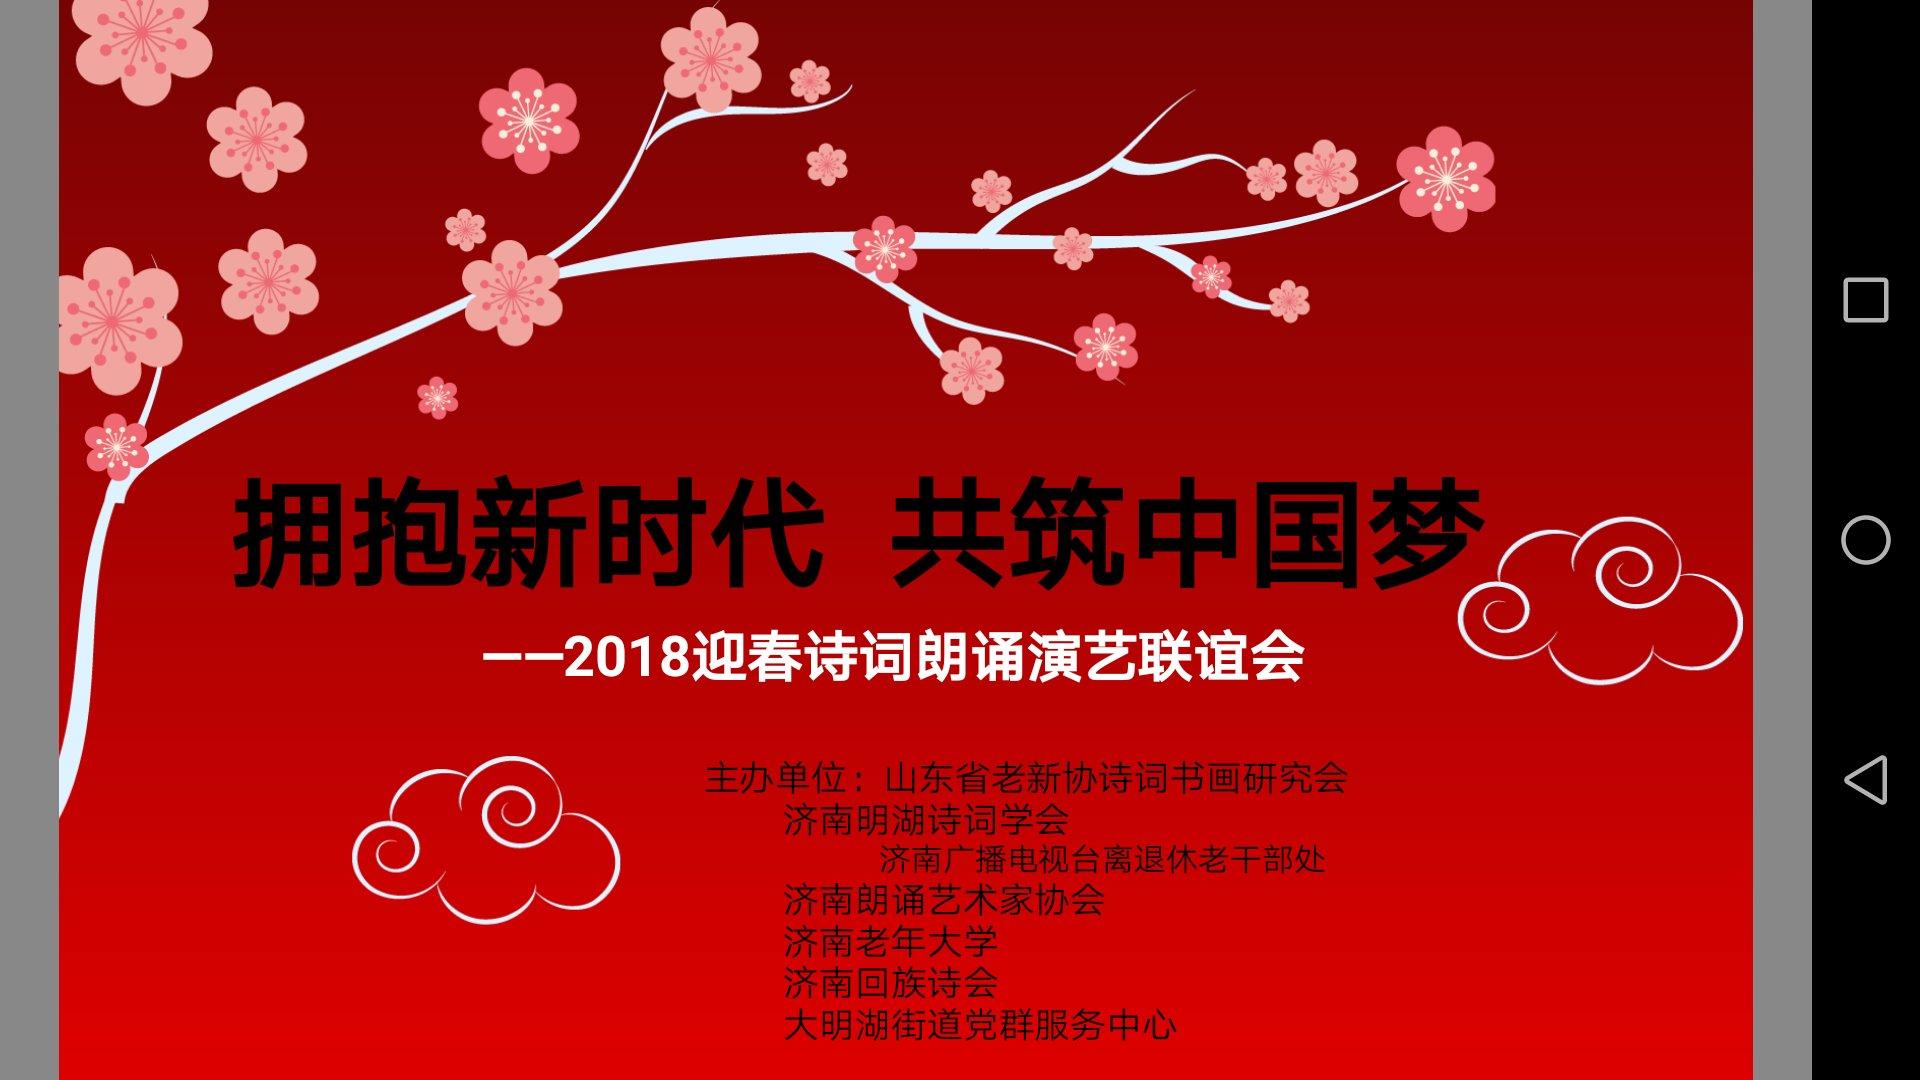 《拥抱新时代,共筑中国梦》迎春诗词朗诵演艺联谊会视频选